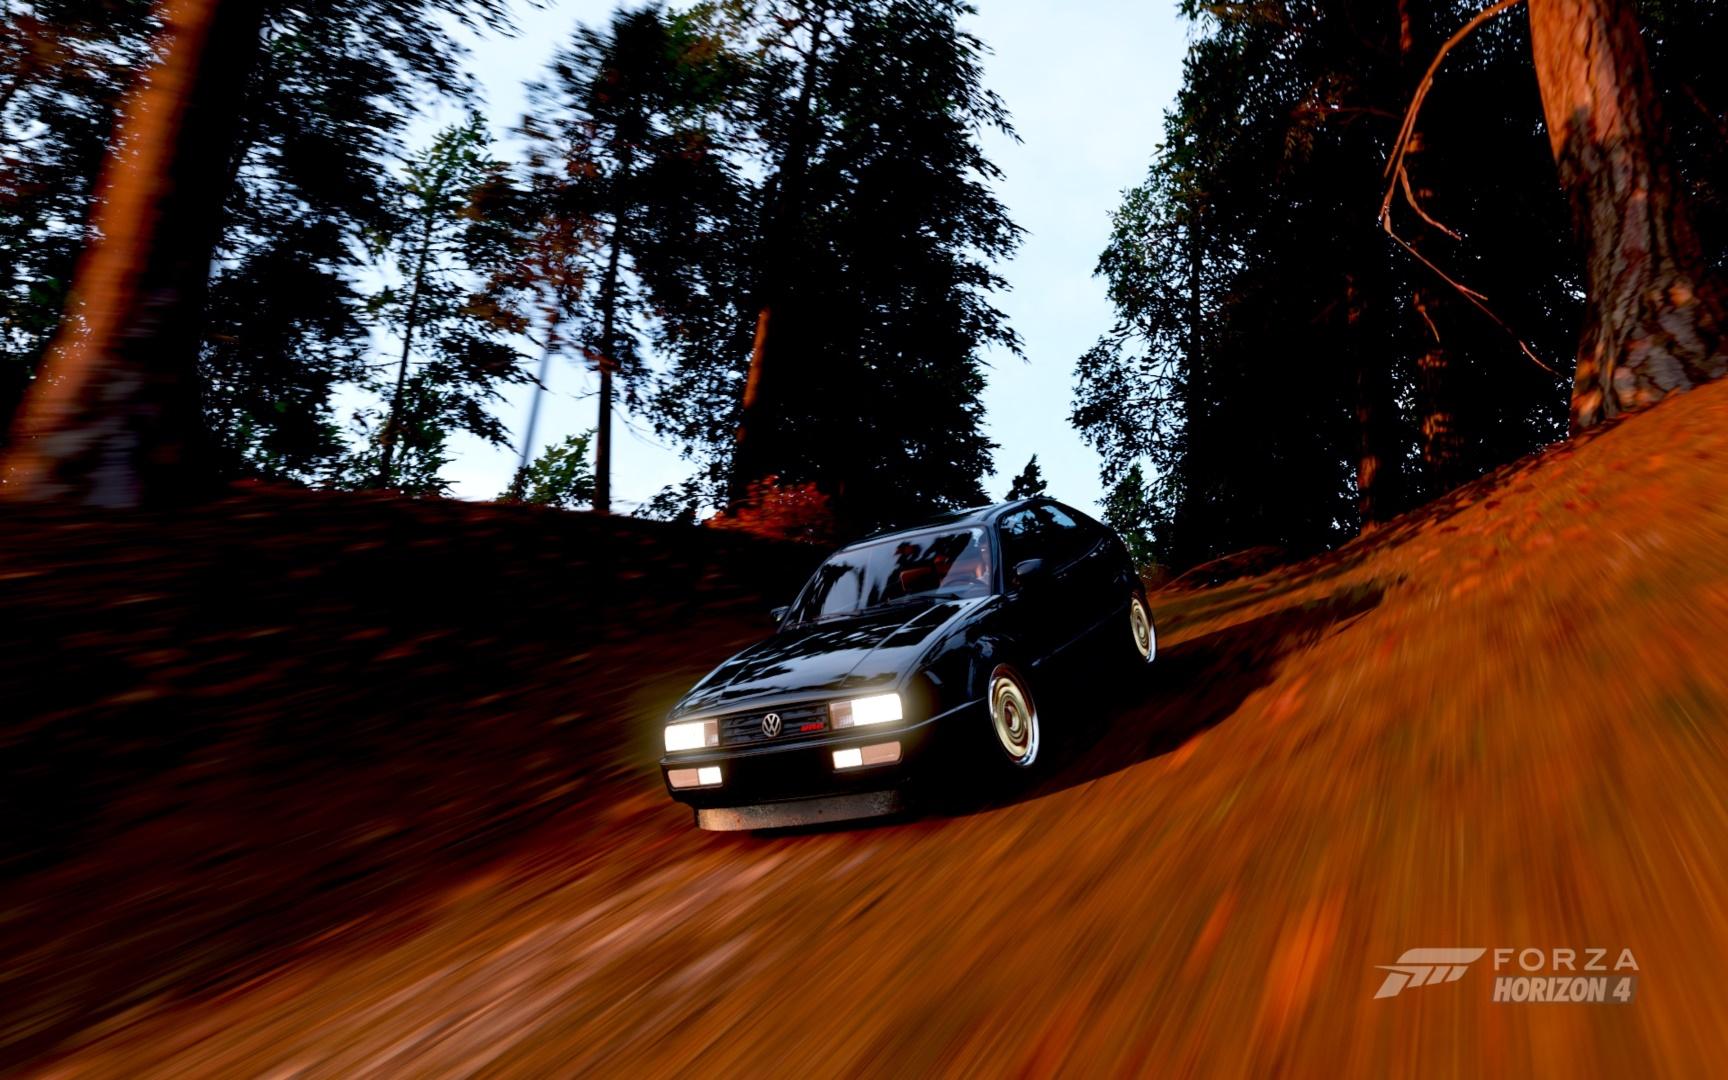 Forza_04.jpg